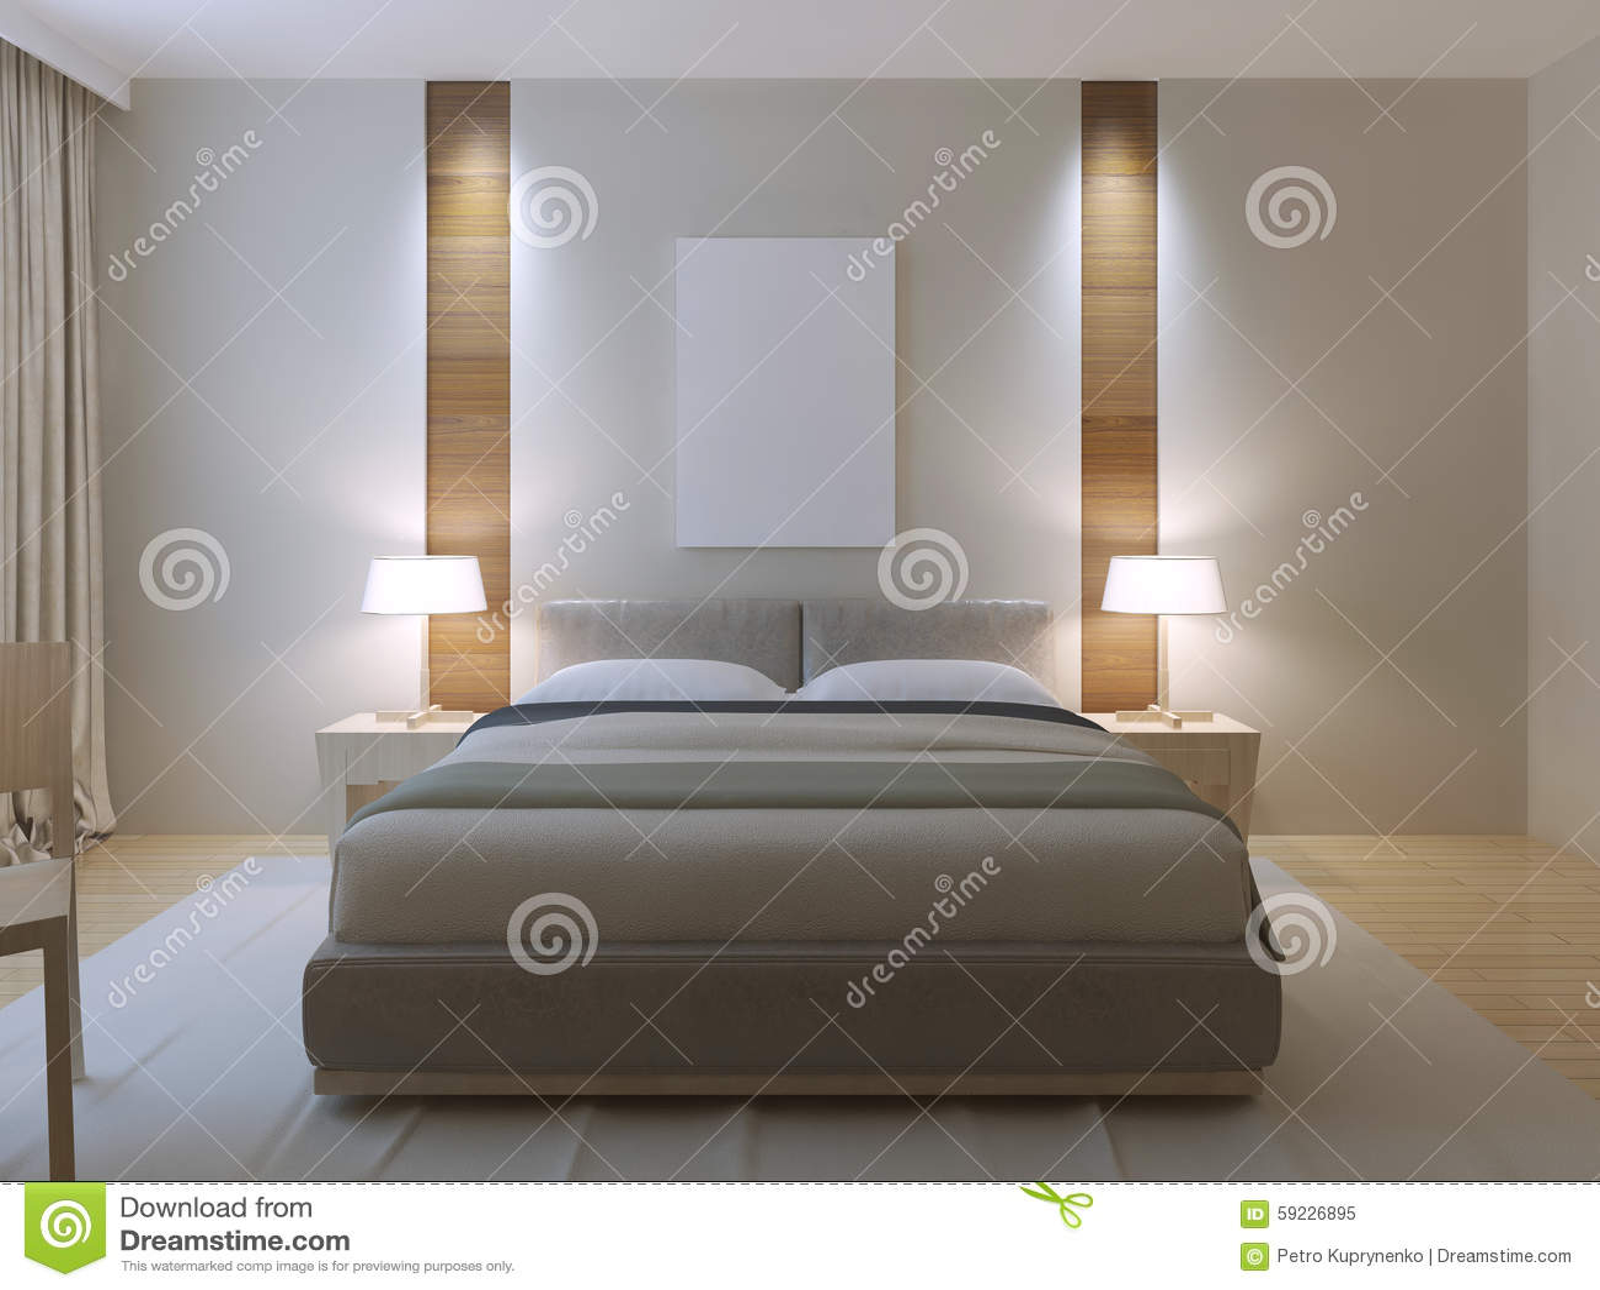 Modern Master Bedroom Design Stock Illustration Image 59226895